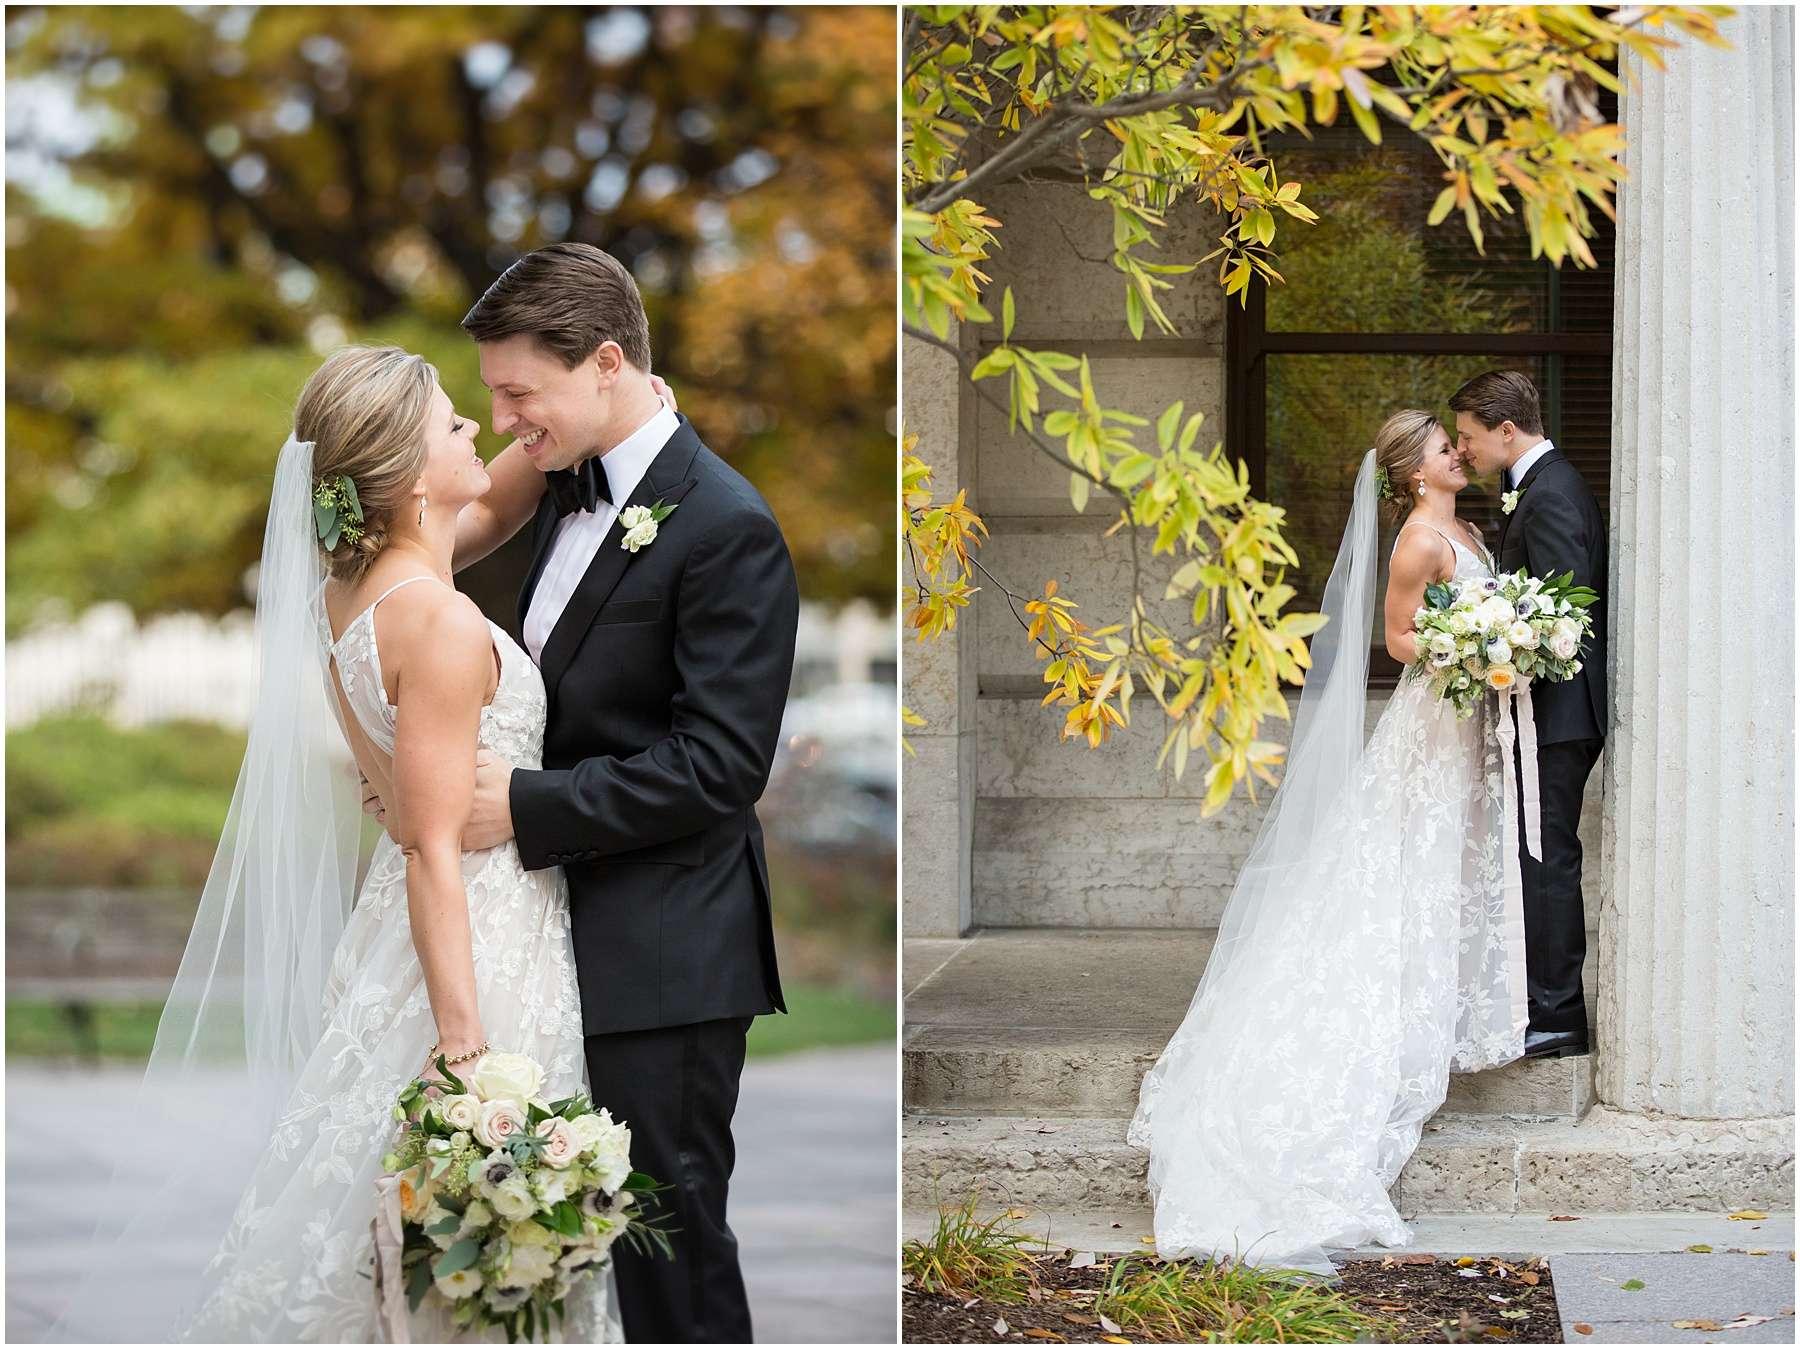 Wedding at the Ohio Statehouse | Columbus Ohio Weddings 174